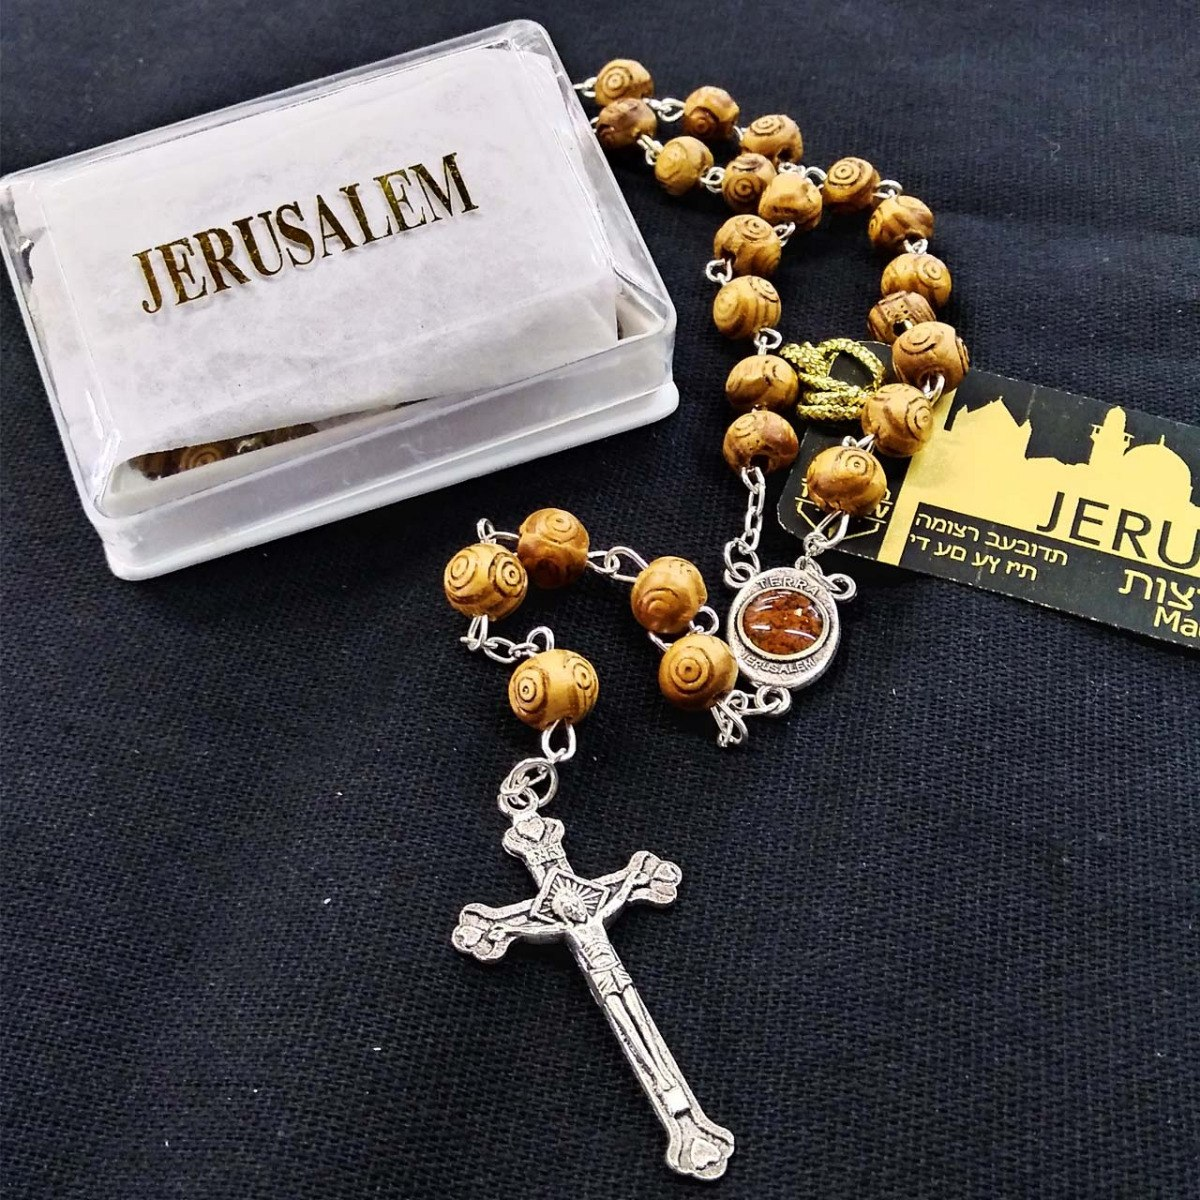 0c310a5bdd3 rosario de madera de olivo jerusalem con tierra santa m3. Cargando zoom.